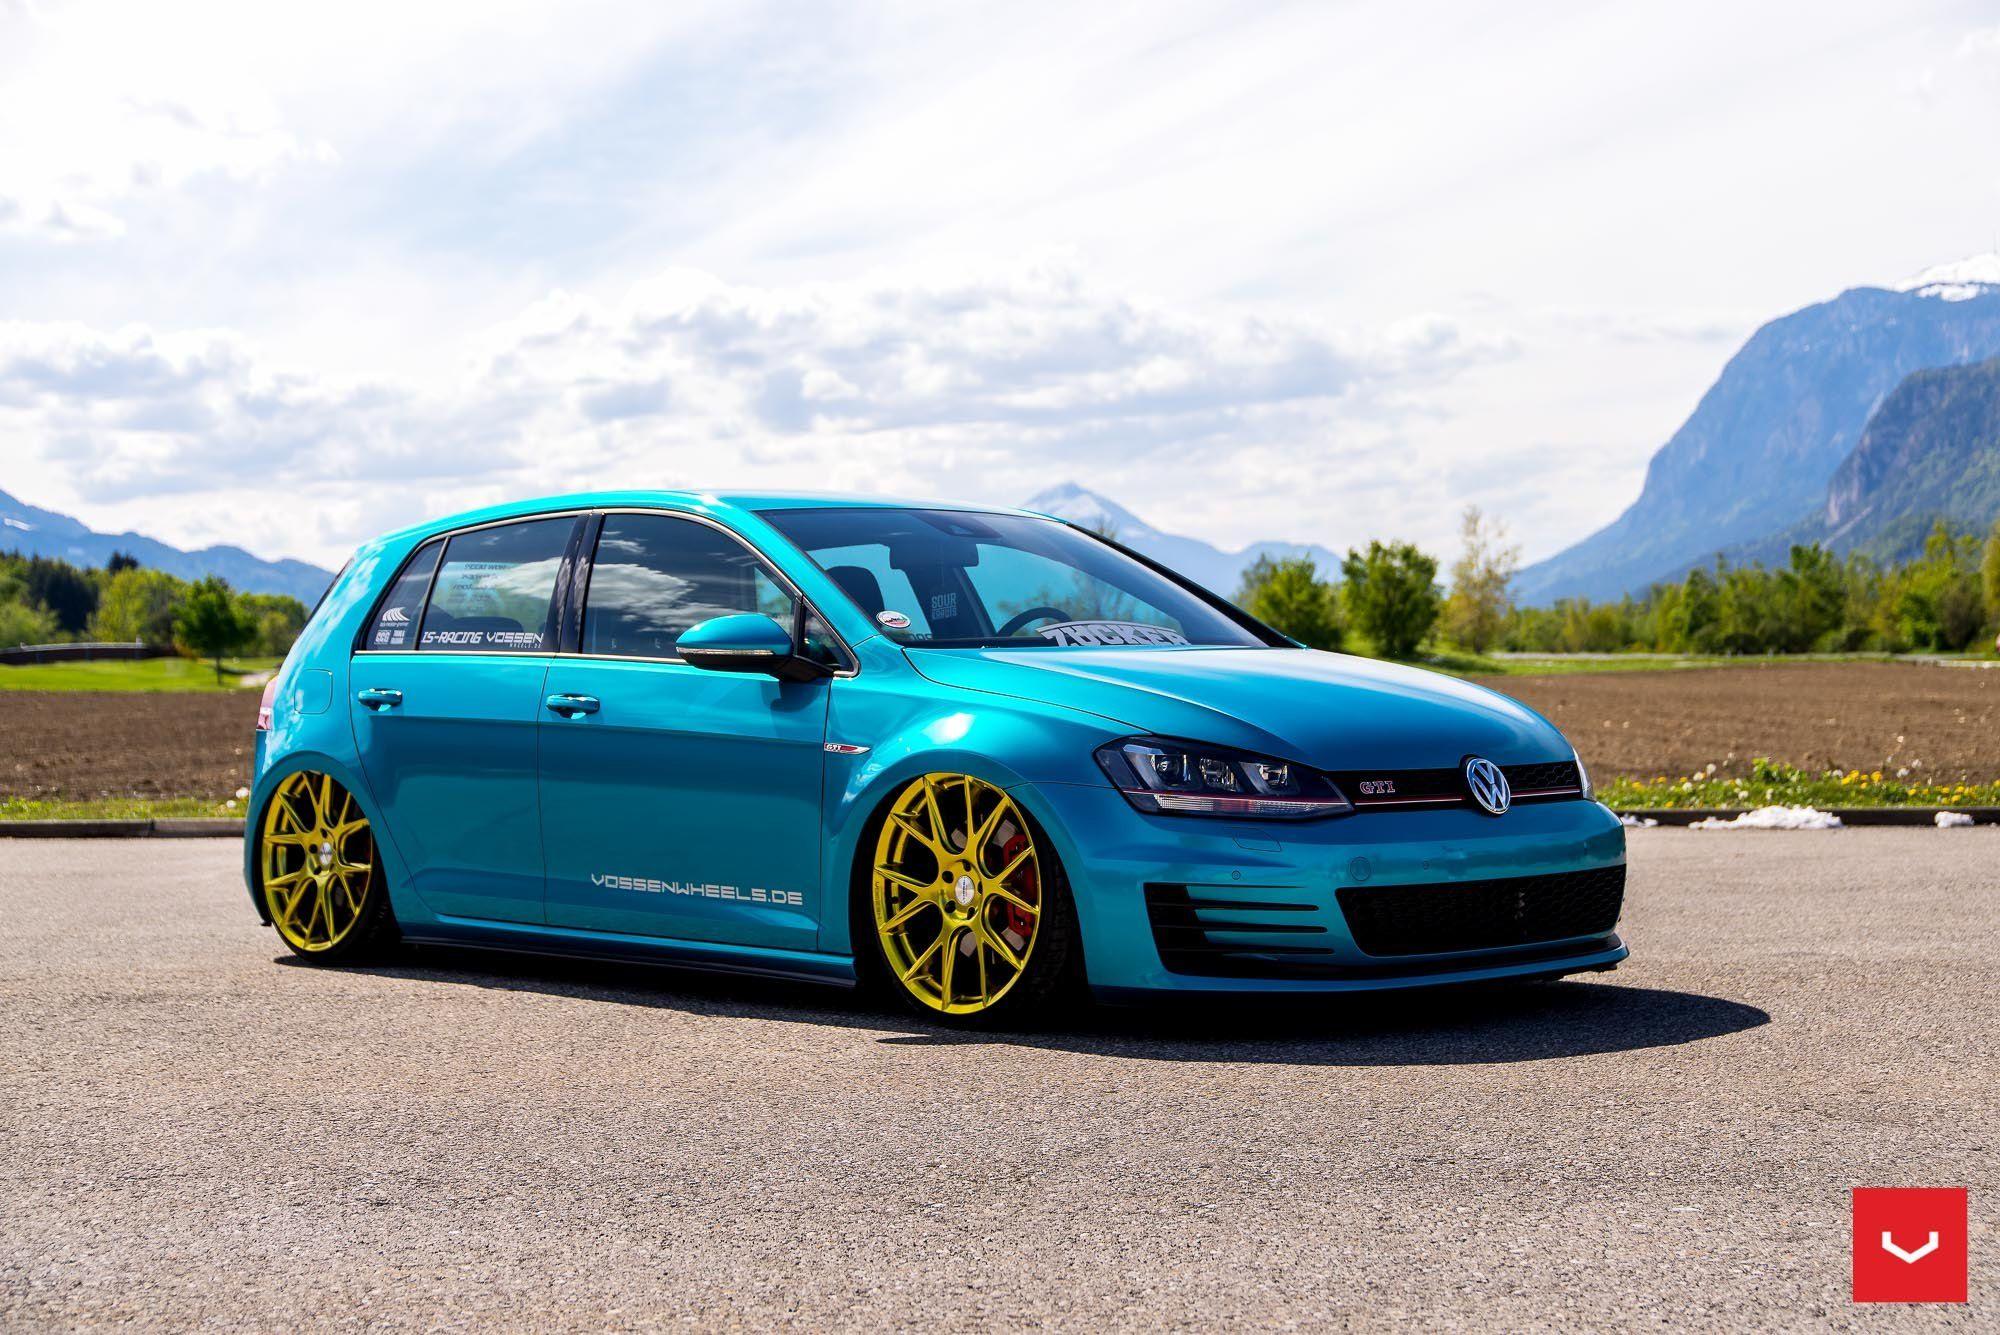 Sky Blue Air Runner Vw Golf Mk7 Gti Gti Mk7 Volkswagen Golf Gti